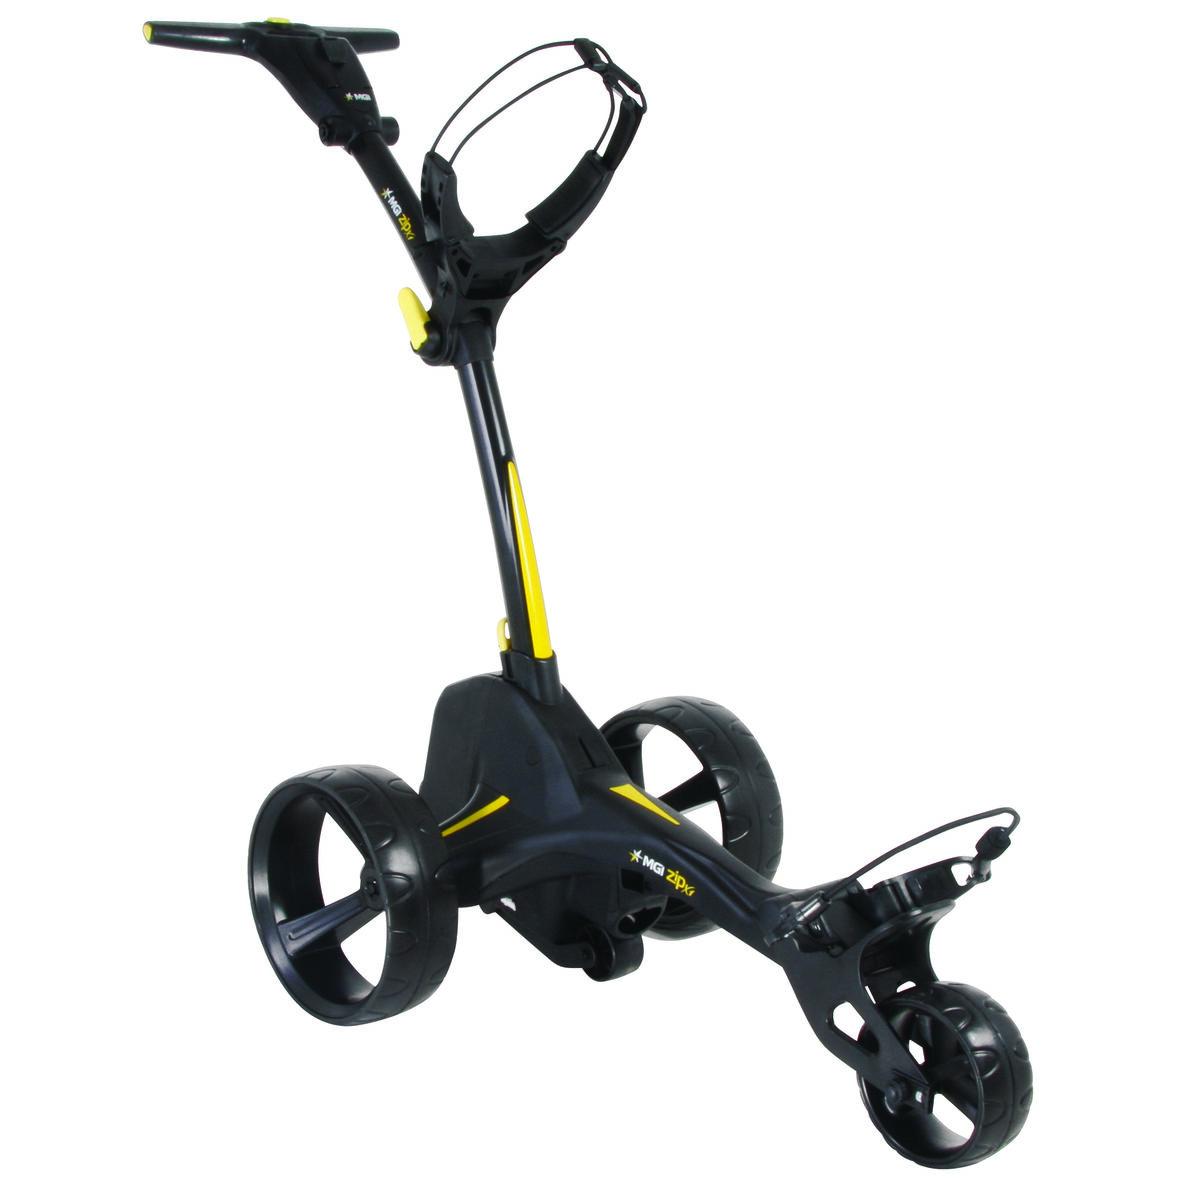 Electric Golf Caddy >> Zip X1 Lithium Electric Golf Caddy